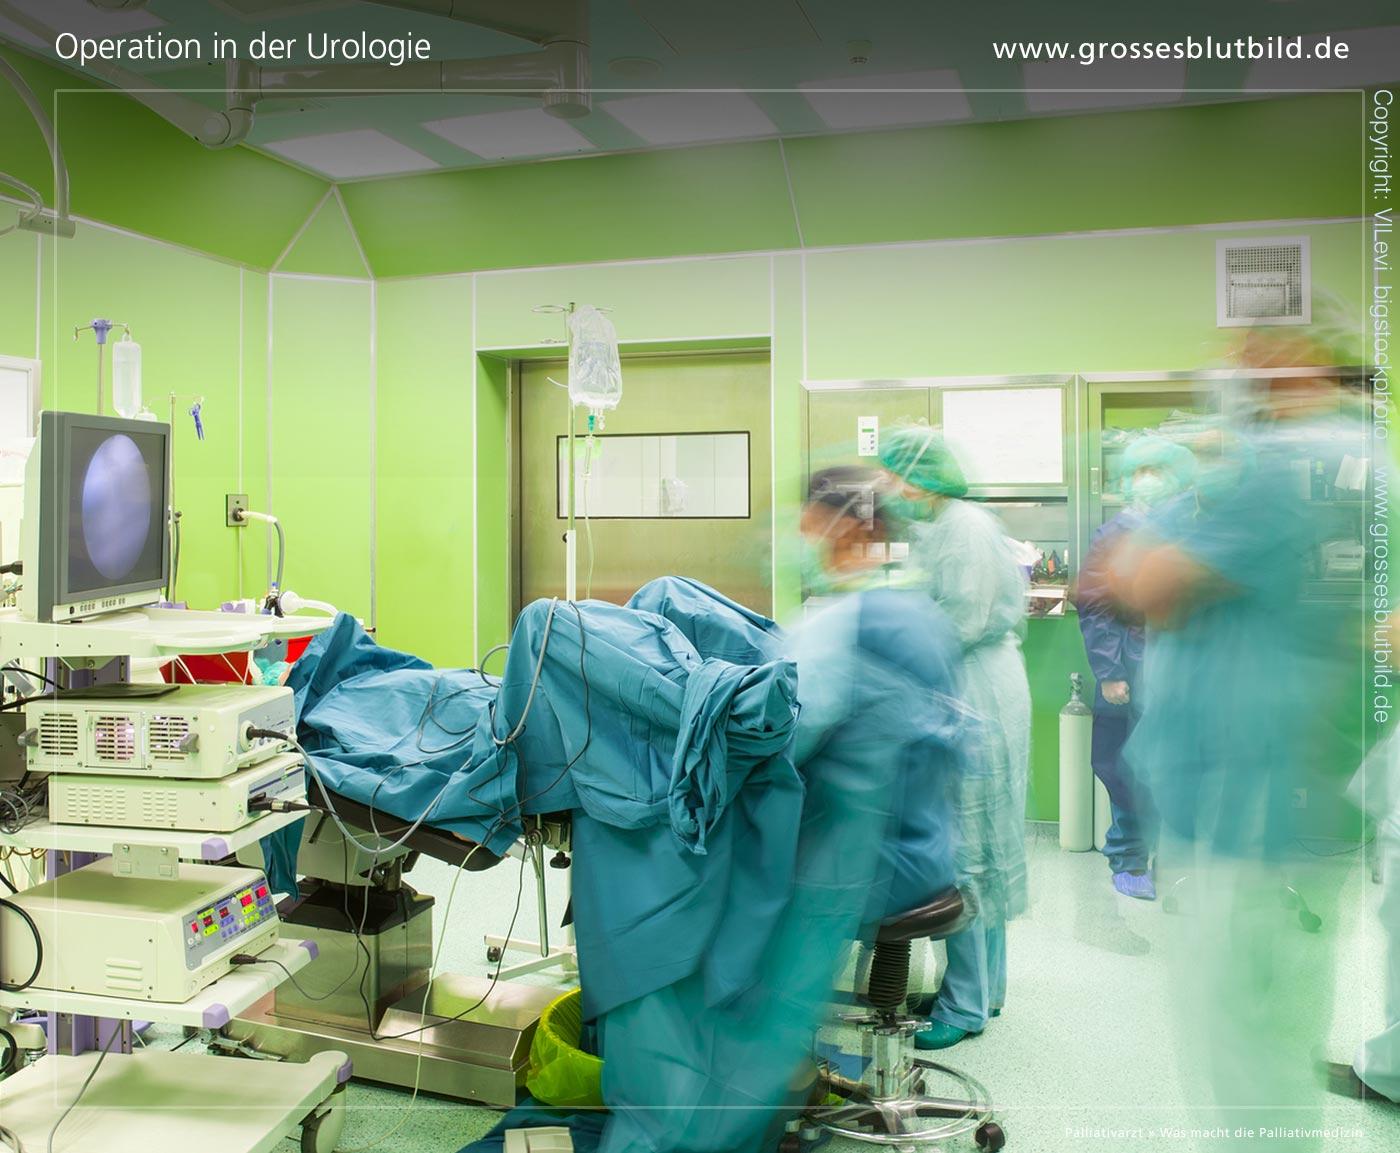 Andrologie und Urologie